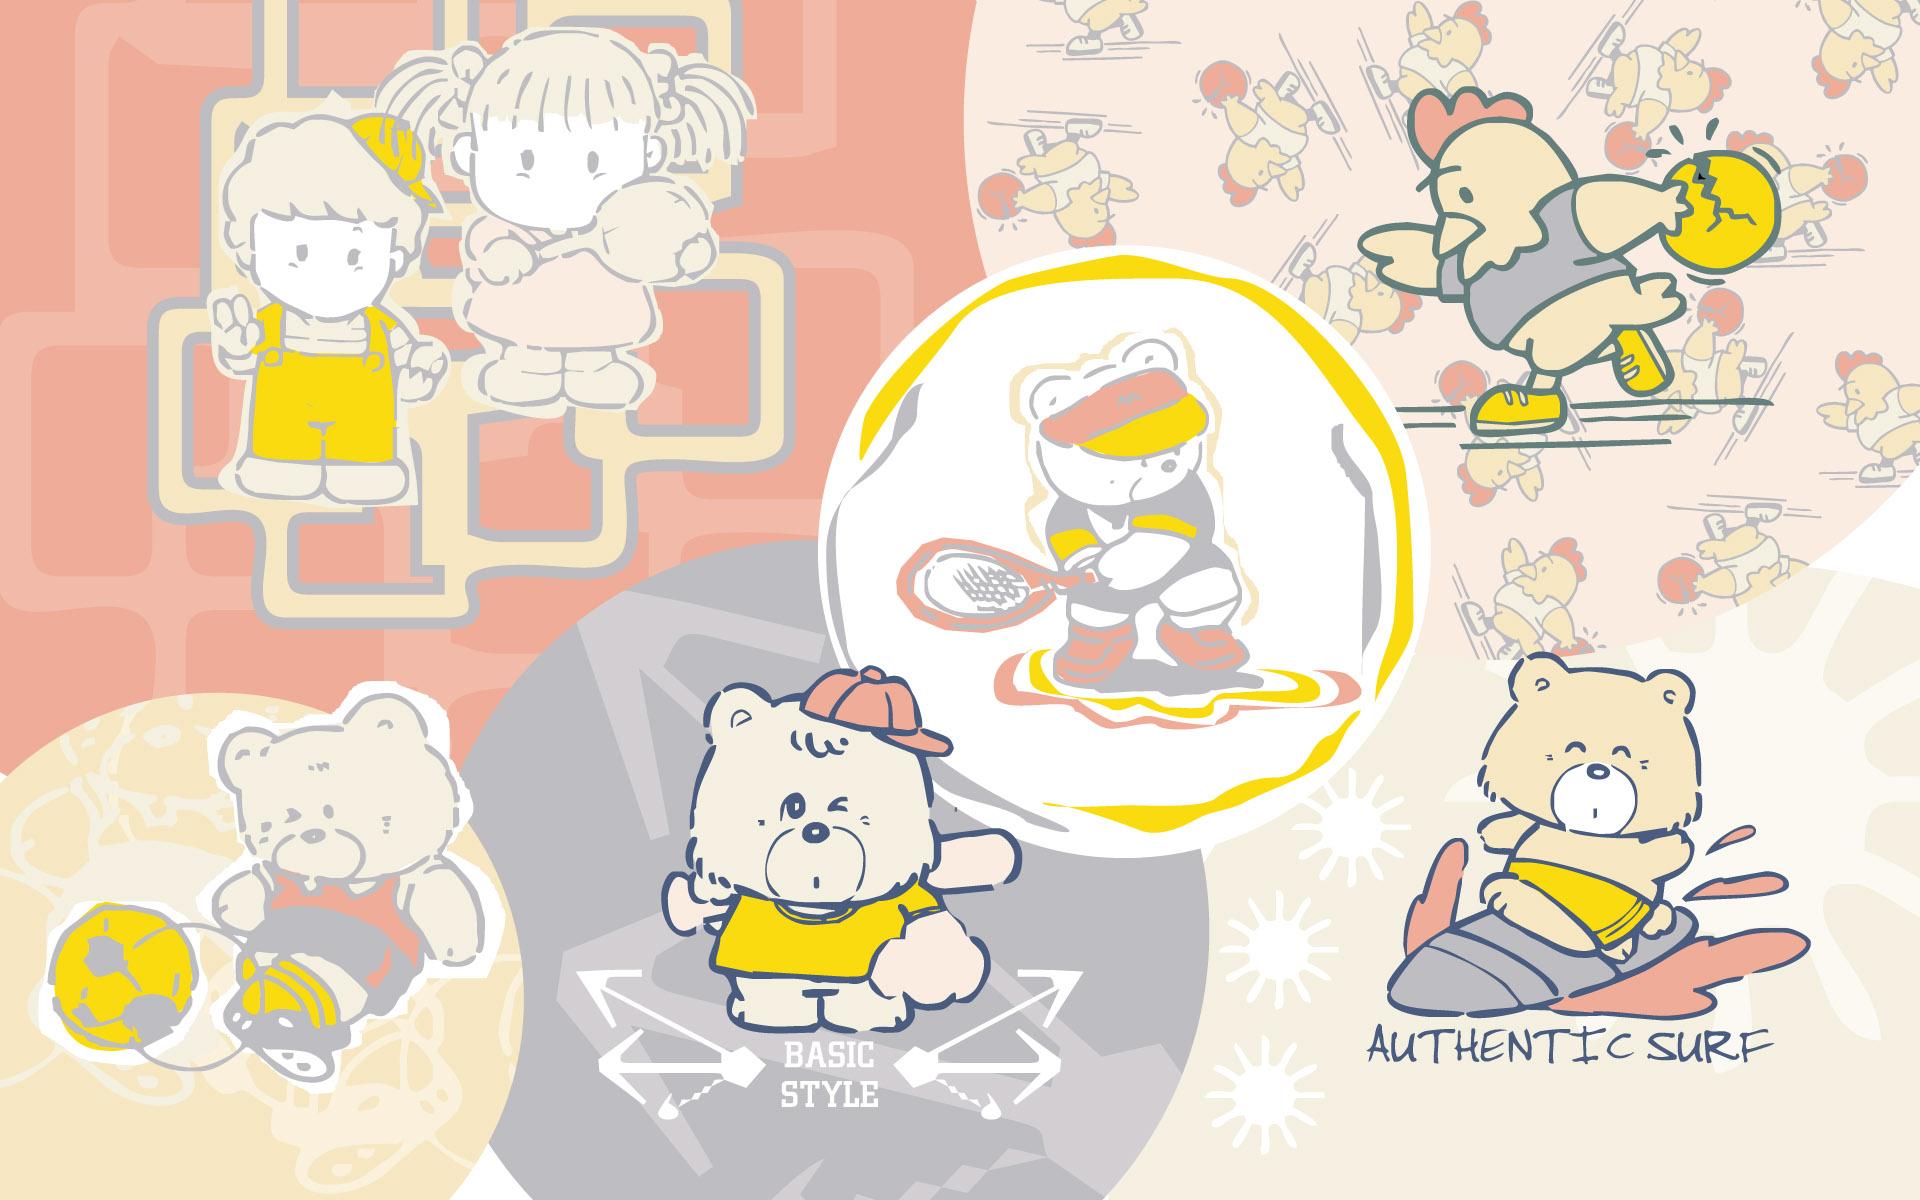 可爱的卡通人物背景图片素材专辑1(20p)